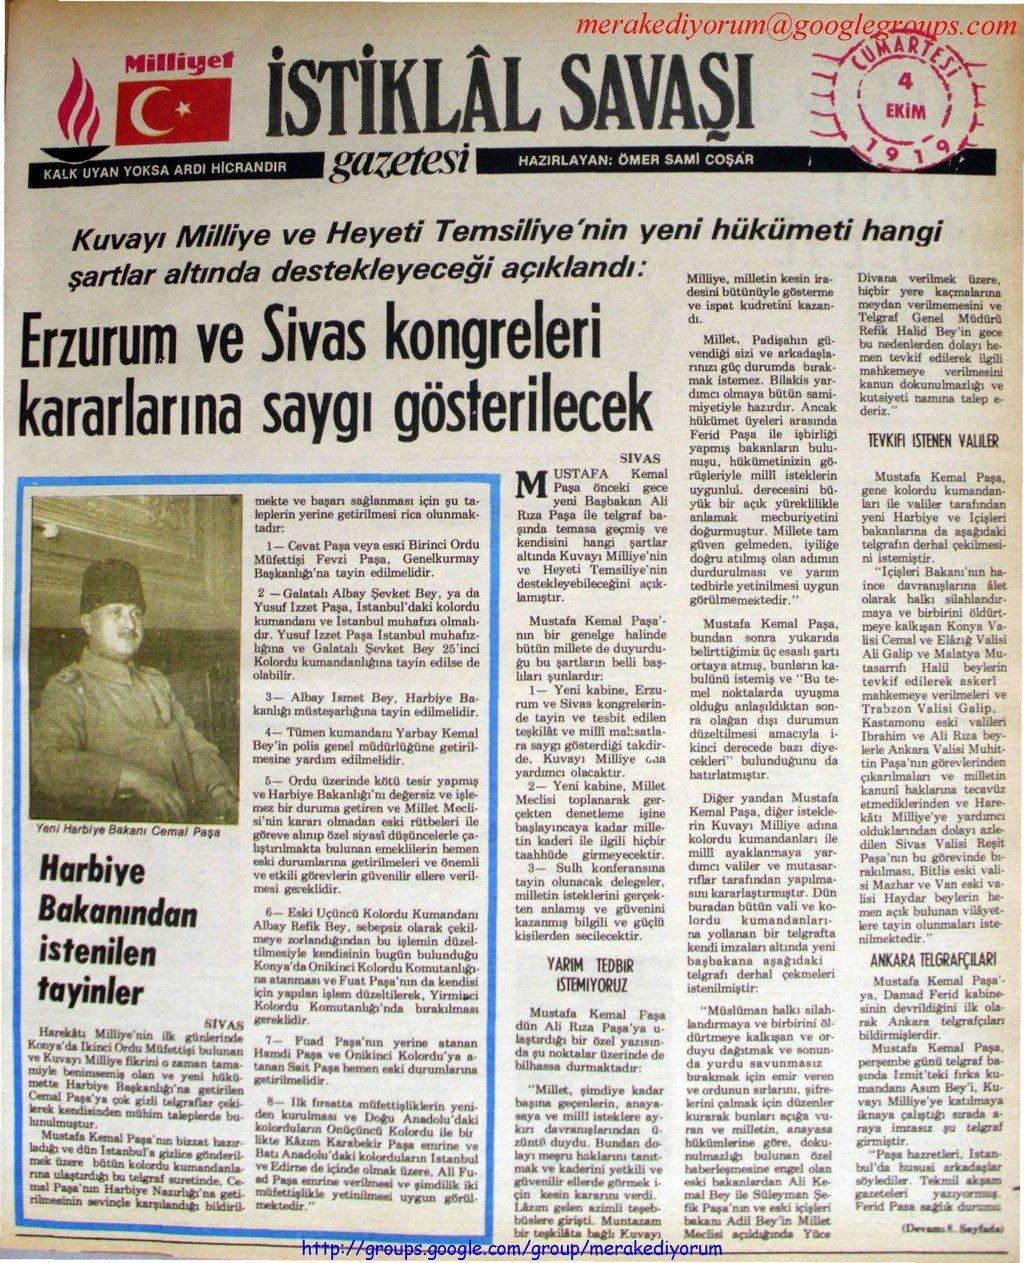 istiklal savaşı gazetesi - 4 ekim 1919